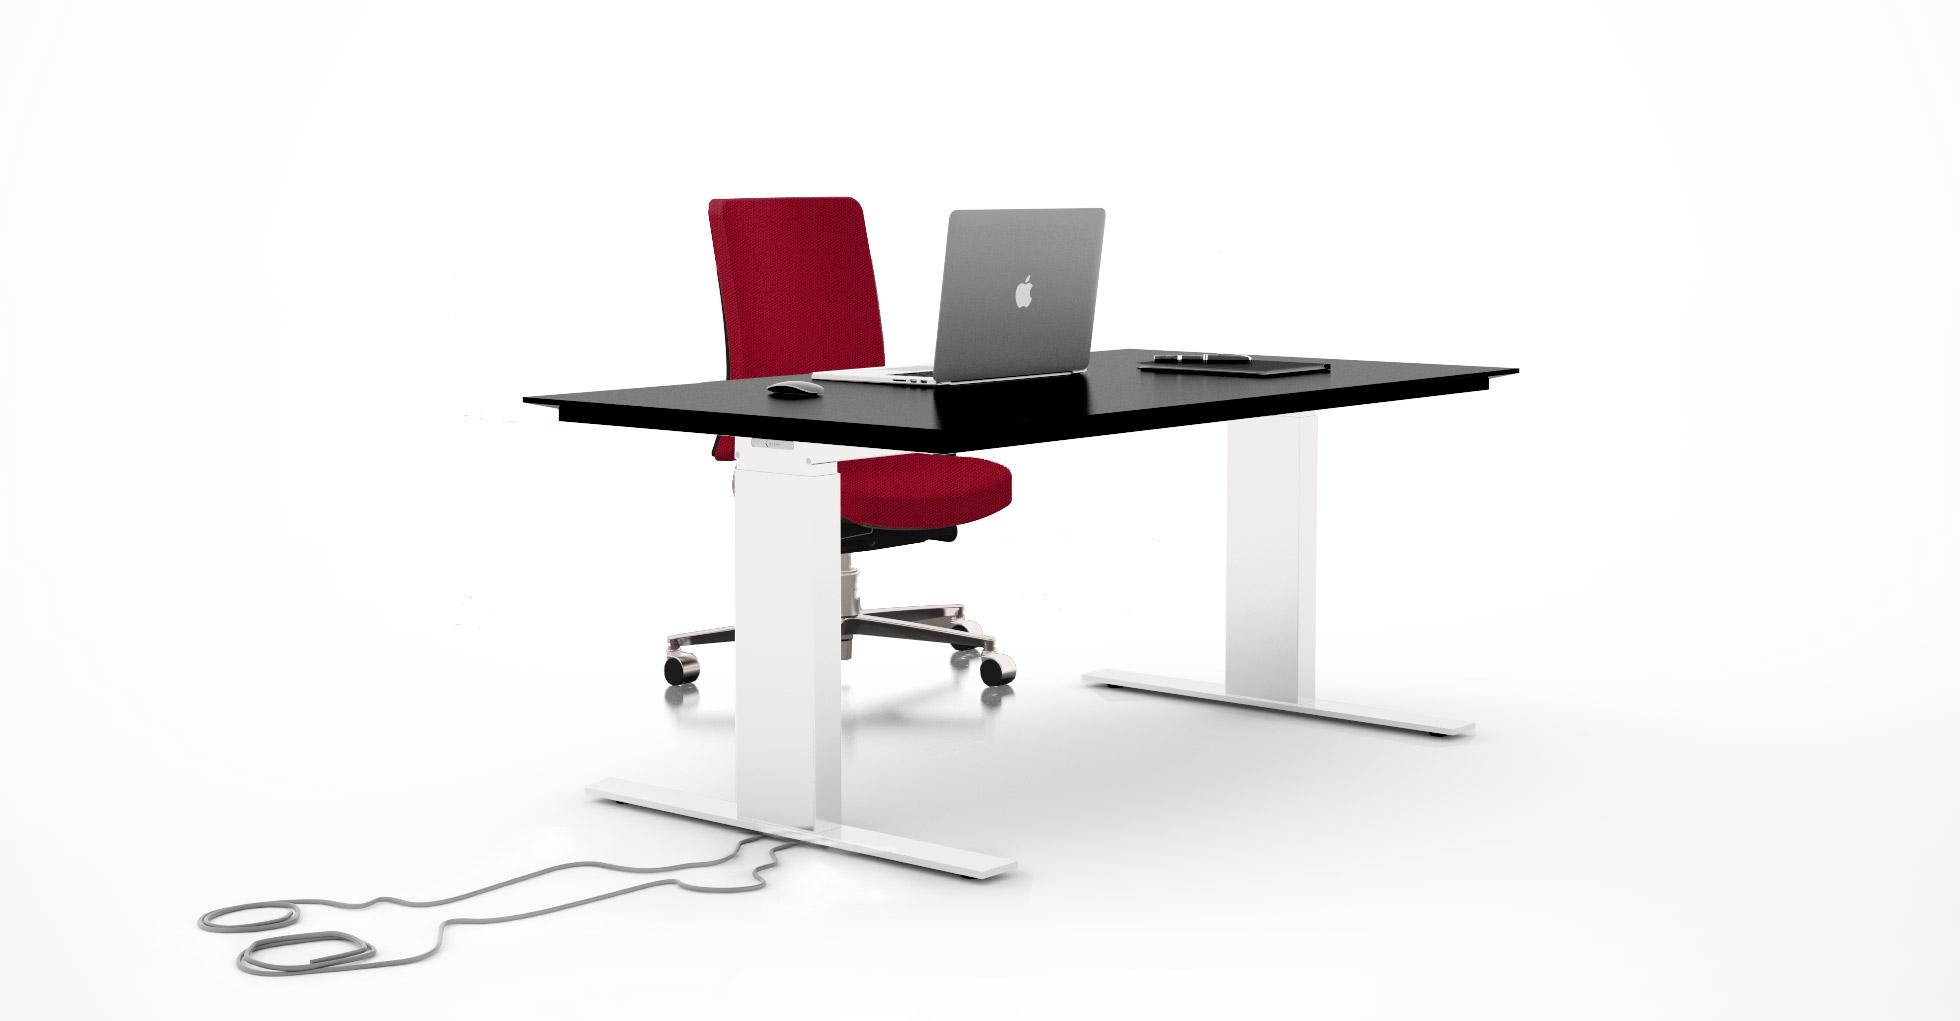 Scrivania ergonomica regolabile in altezza BA4.15